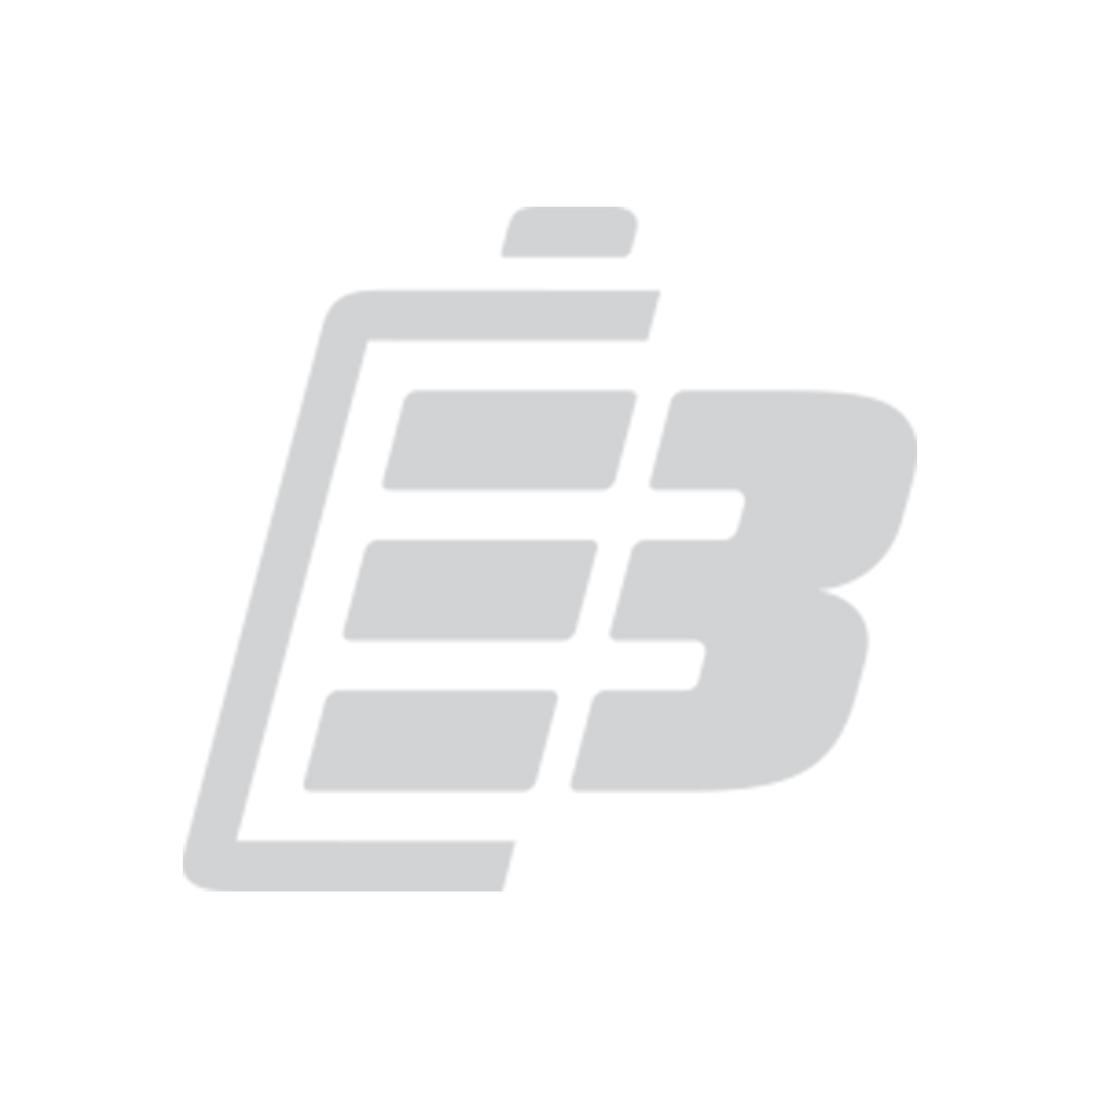 Μπαταρία PDA Fujitsu Loox 700_1